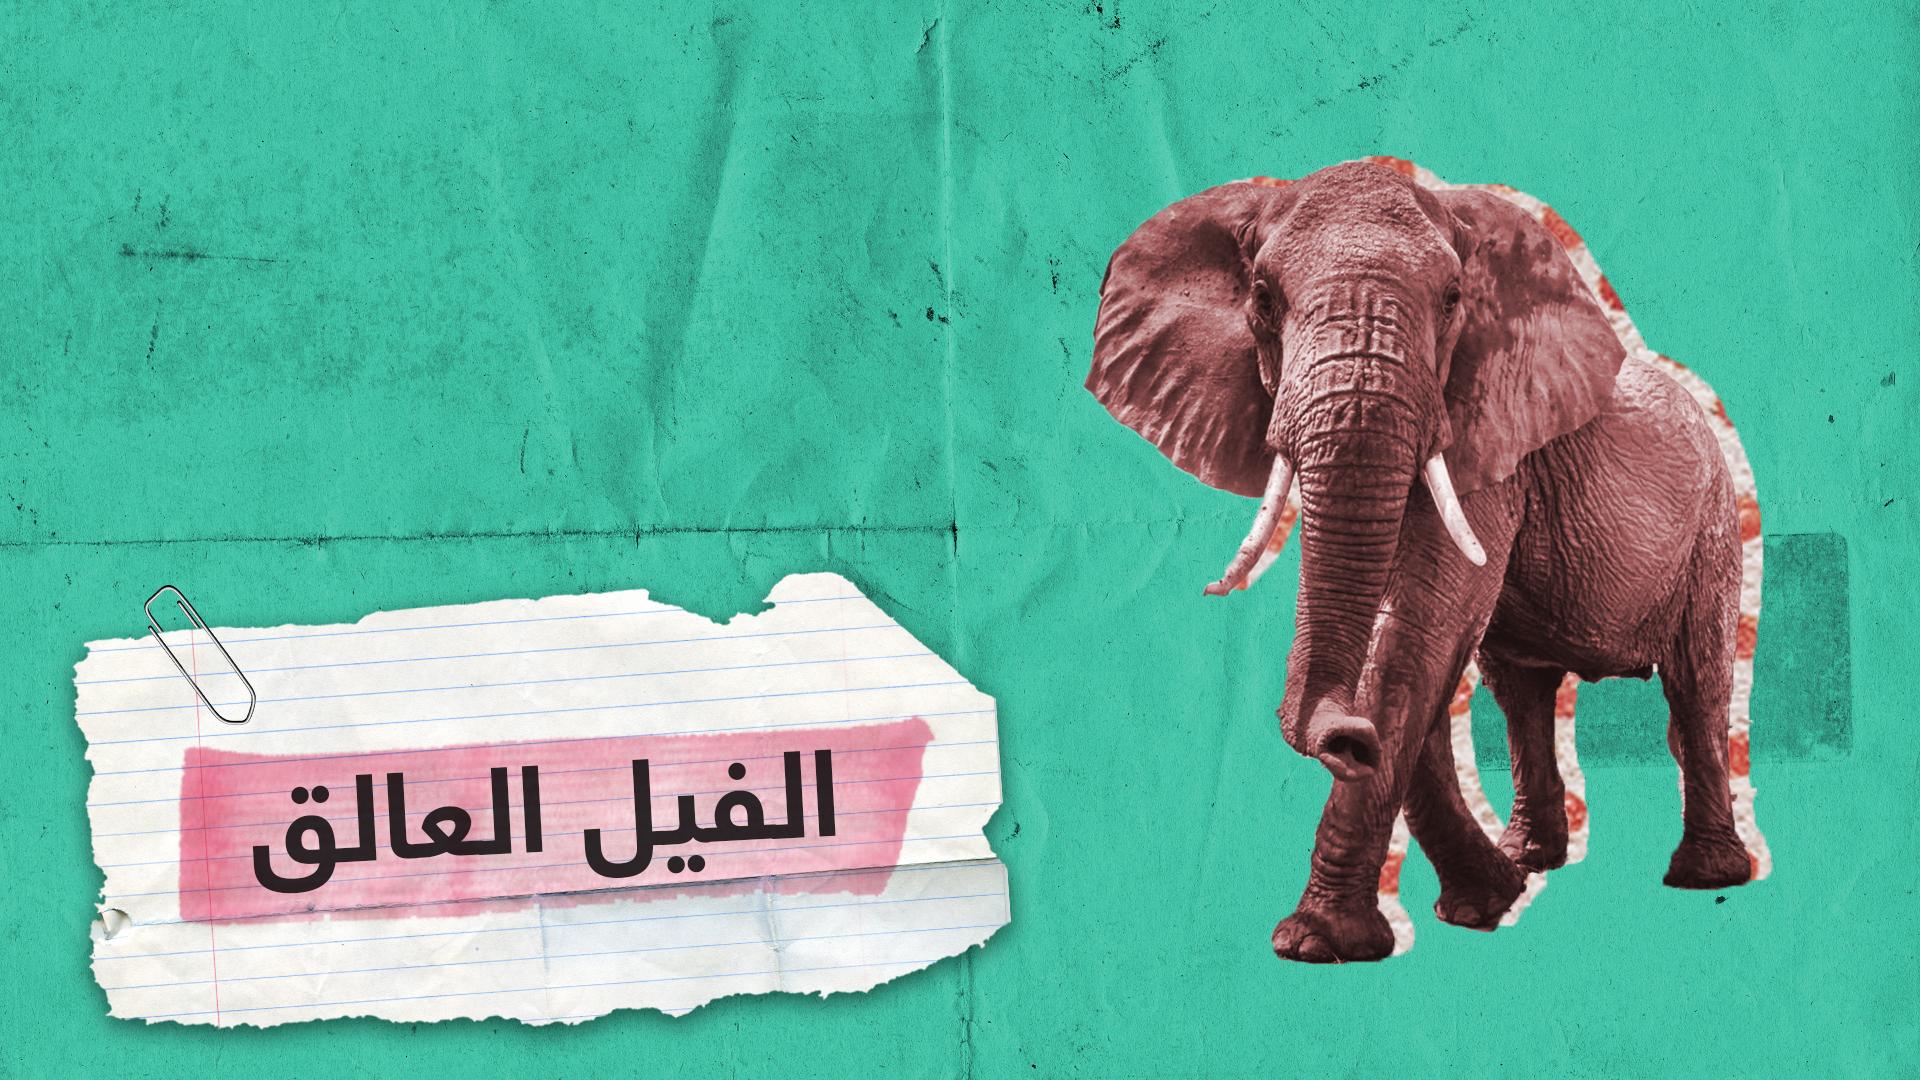 فيل عالق لـ12 ساعة في بركة بعمق 4 أمتار بعد محاولته الشرب منها